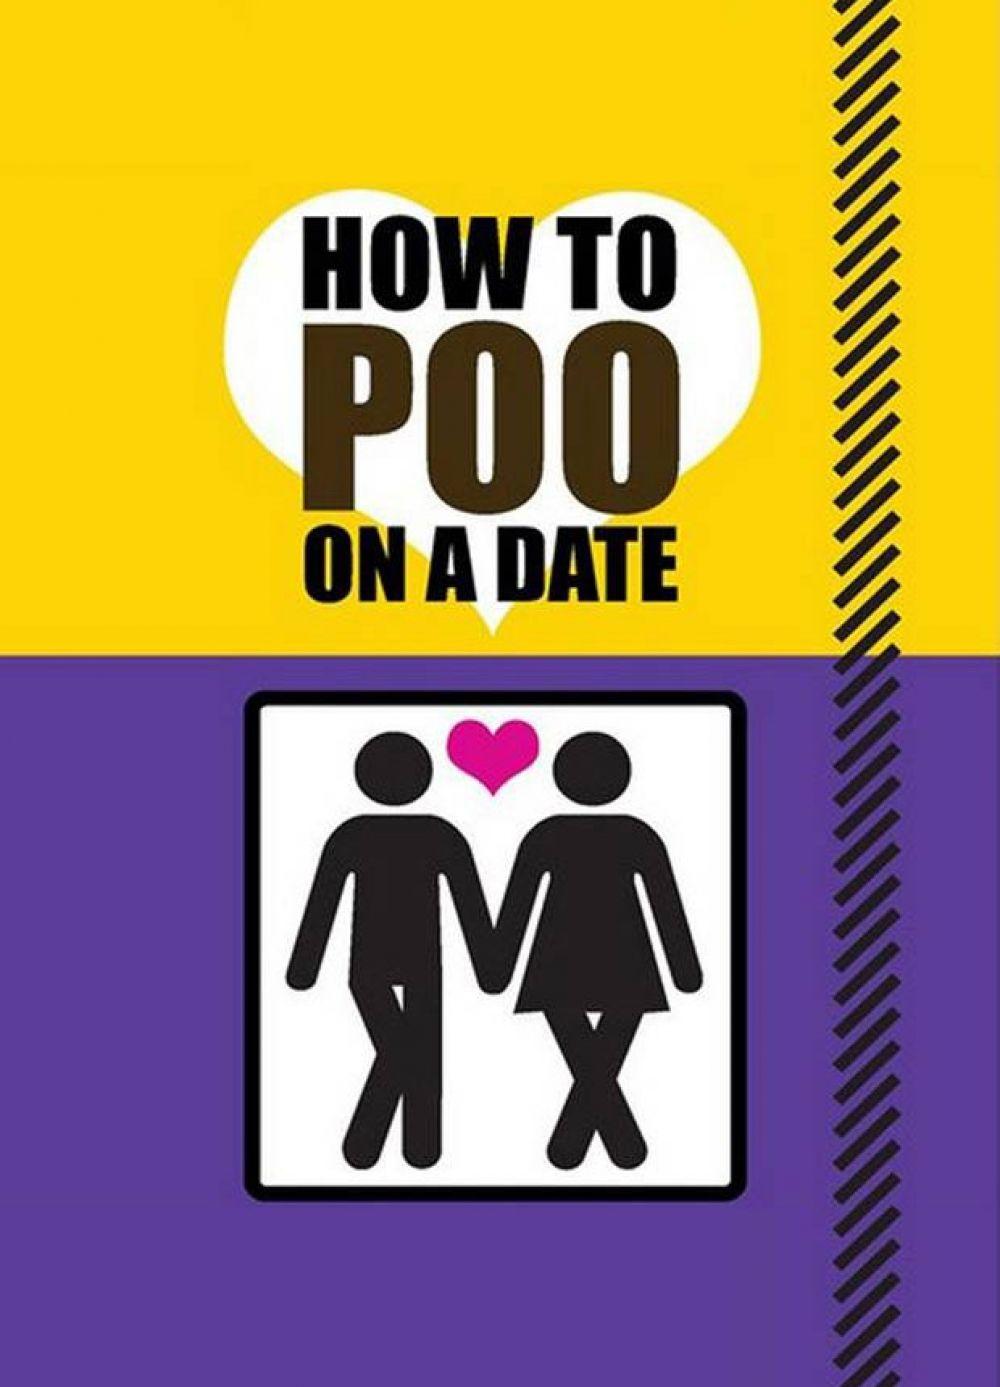 В аннотации к книге авторы отметили, что это самый полный гид по туалетному этикету для любящих пар.